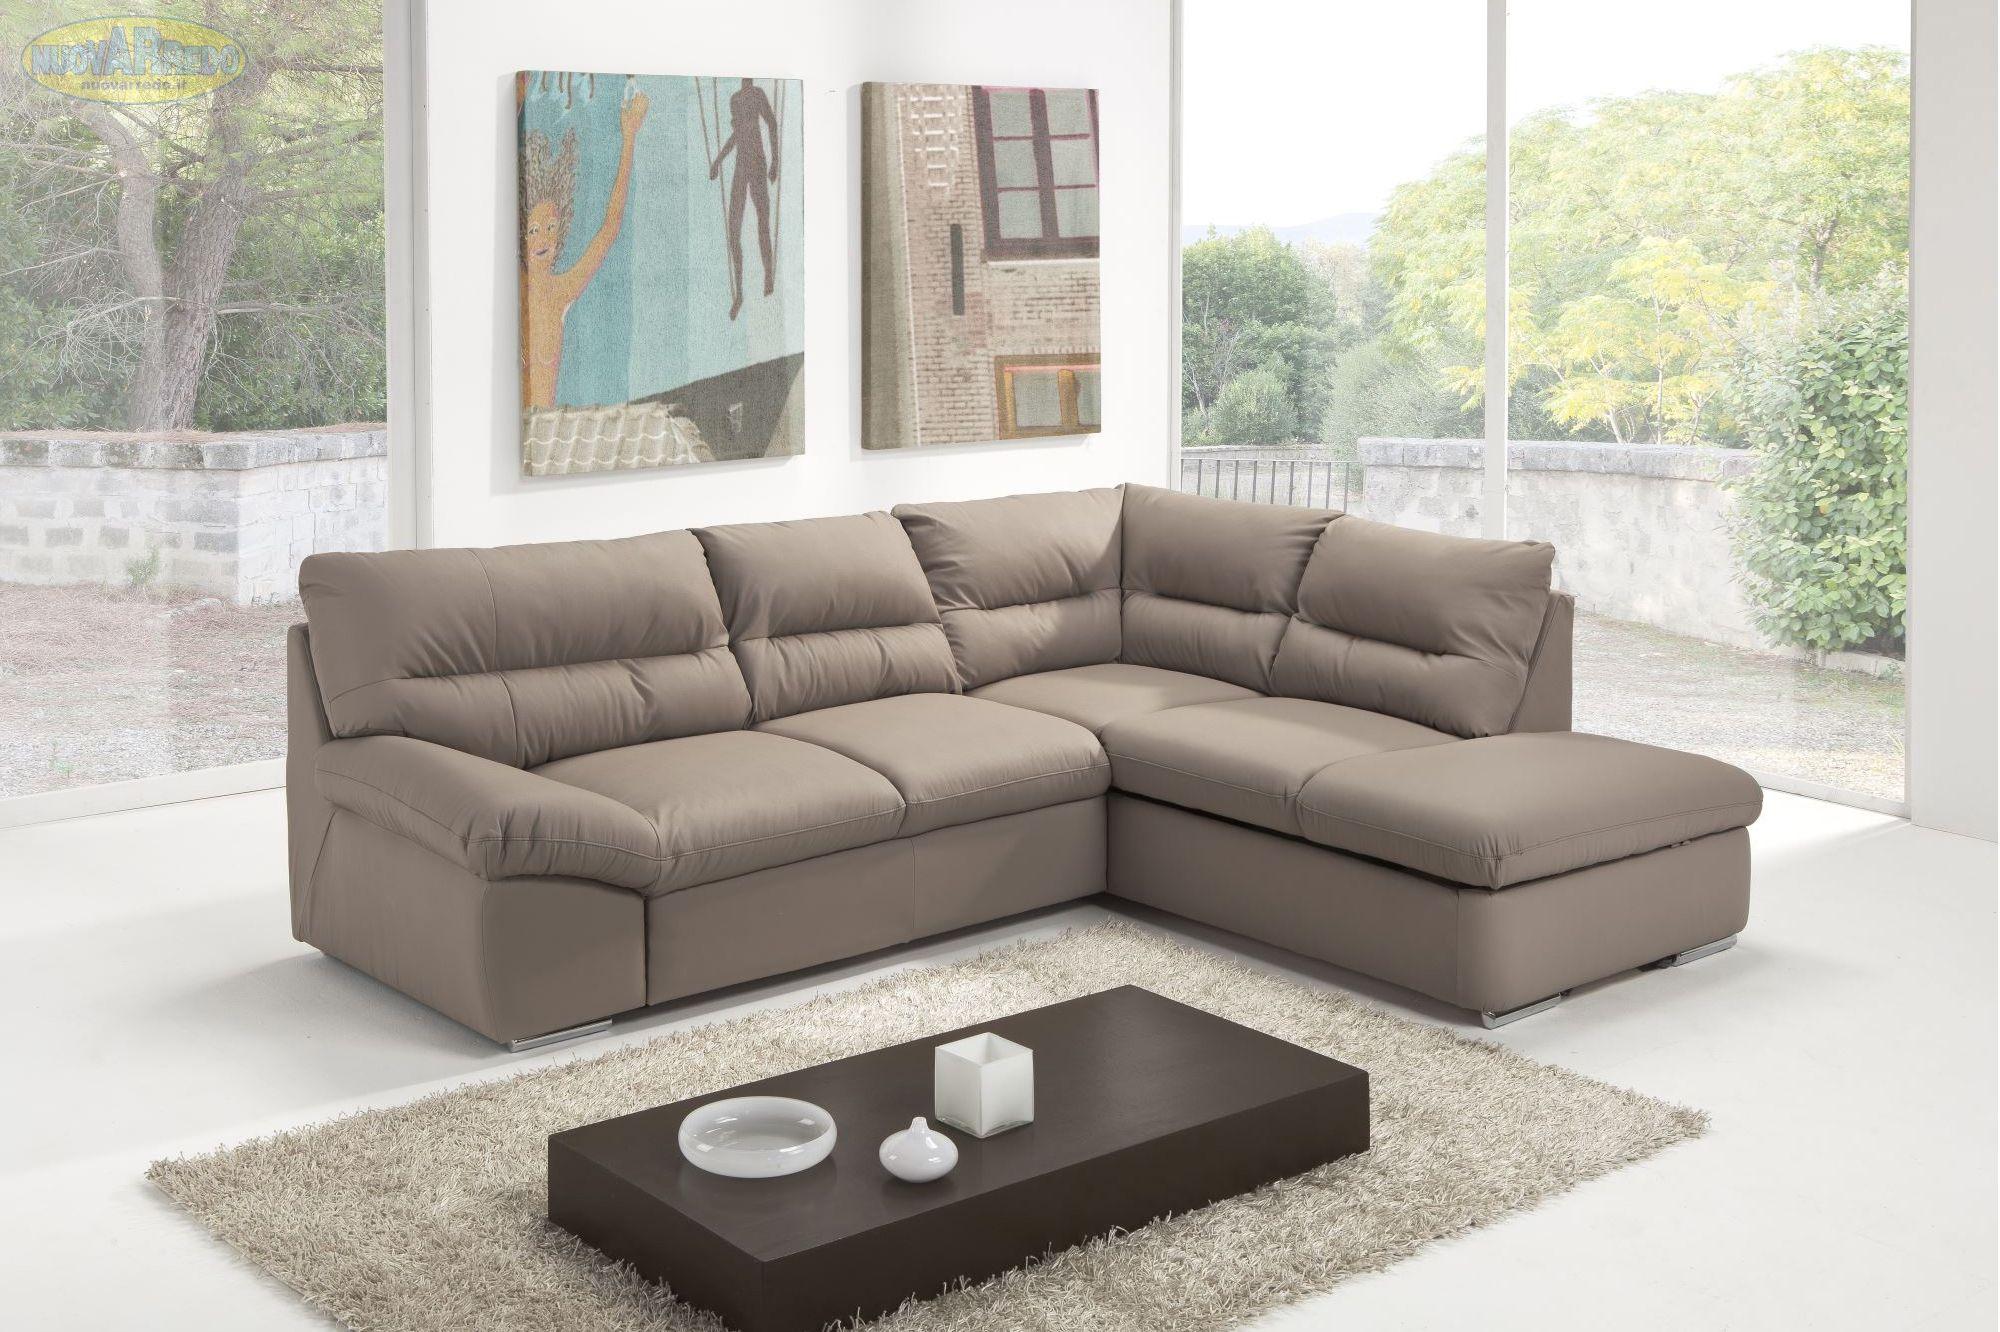 Prezzo 899 divano angolare in ecopelle argento con contenitore e letto estraibile dimensioni - Divano ecopelle angolare ...